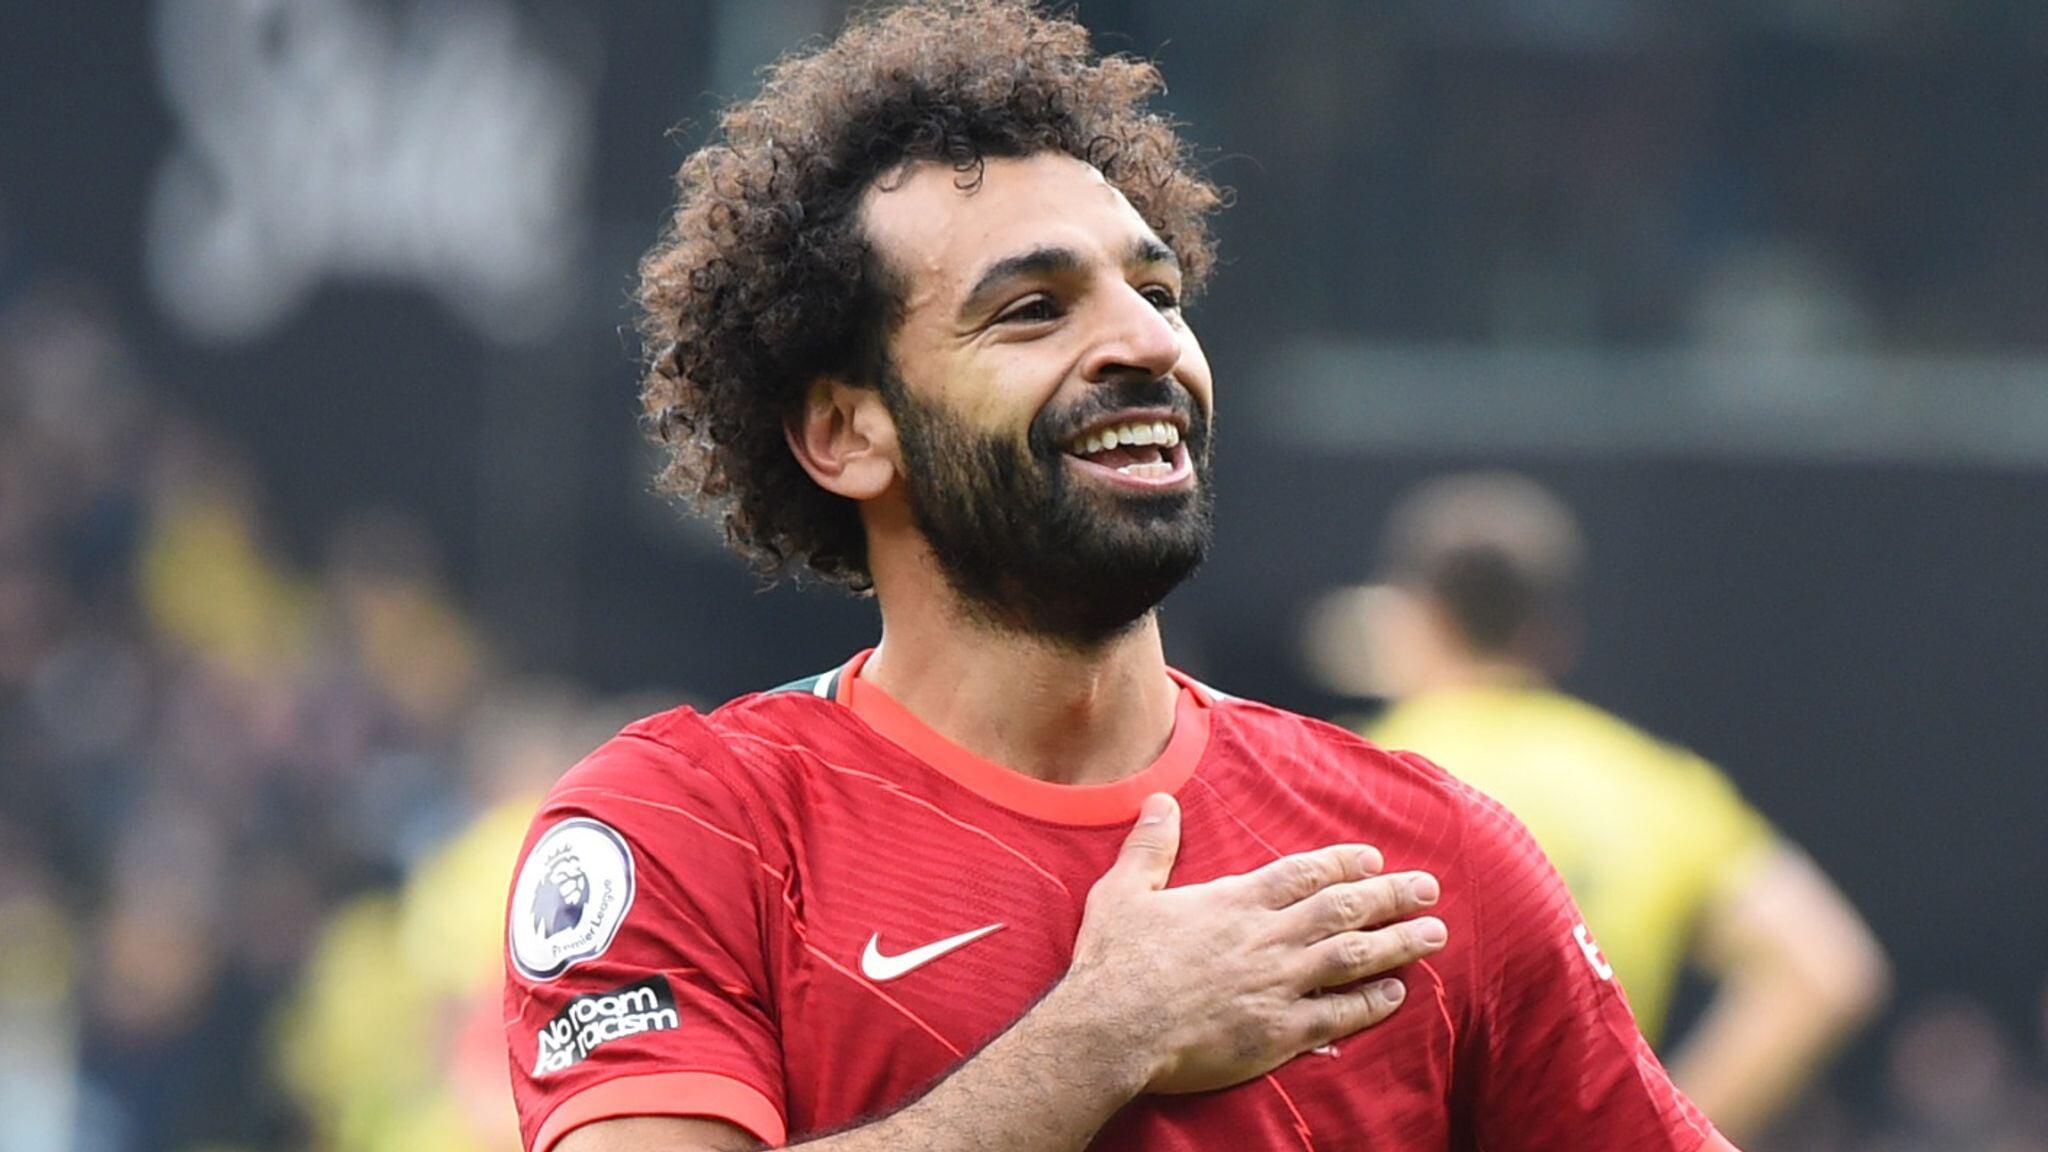 Грэм Сунесс: Салах  лучший игрок мира сейчас, согласен с Клоппом. В любом топ-клубе он был бы желанным гостем